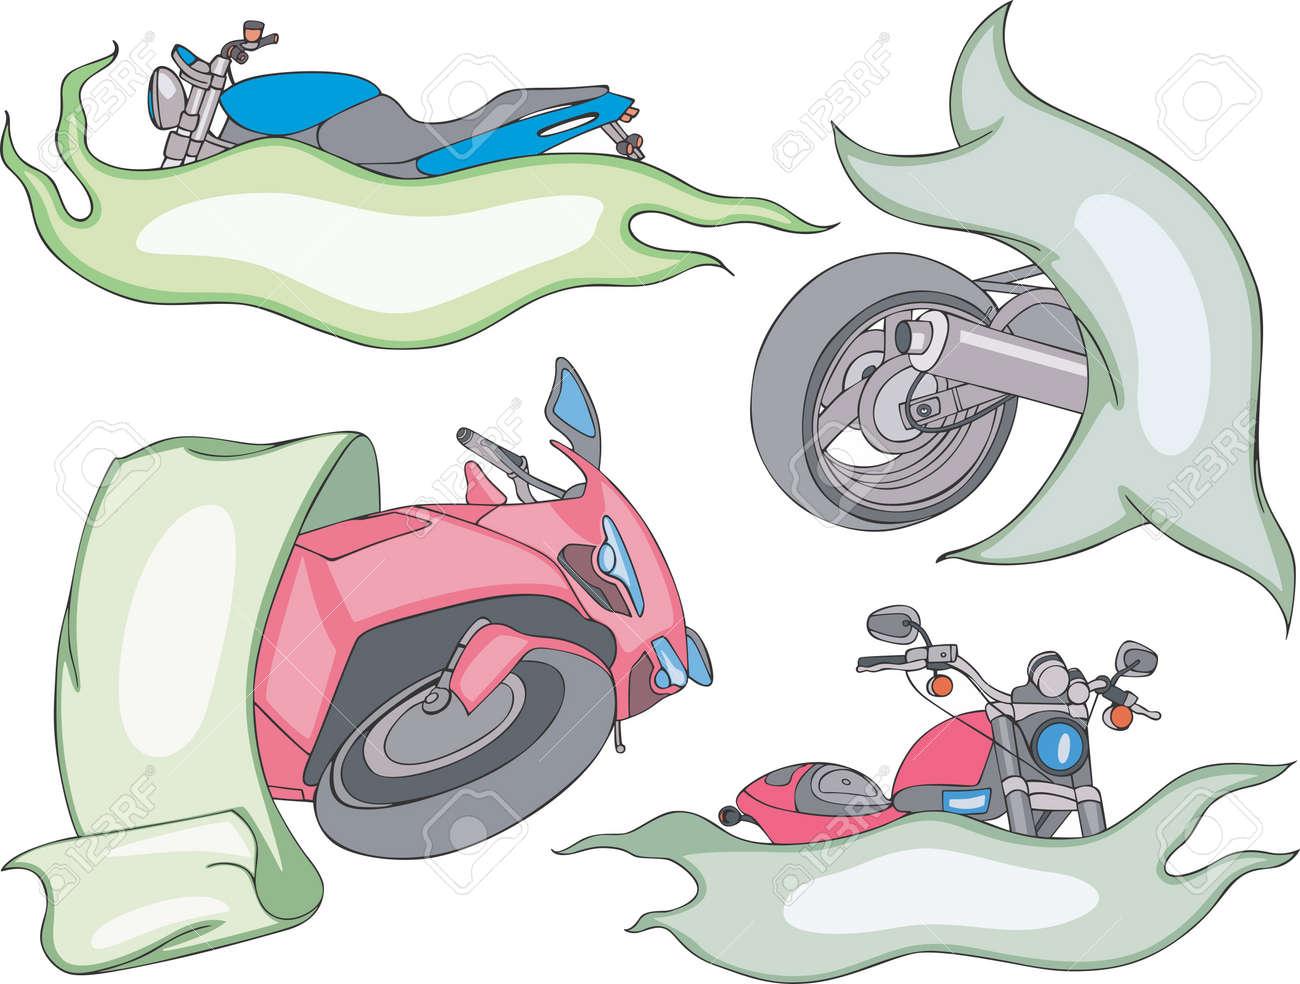 Ziemlich Motorrad Vorlage Zeitgenössisch - Beispielzusammenfassung ...